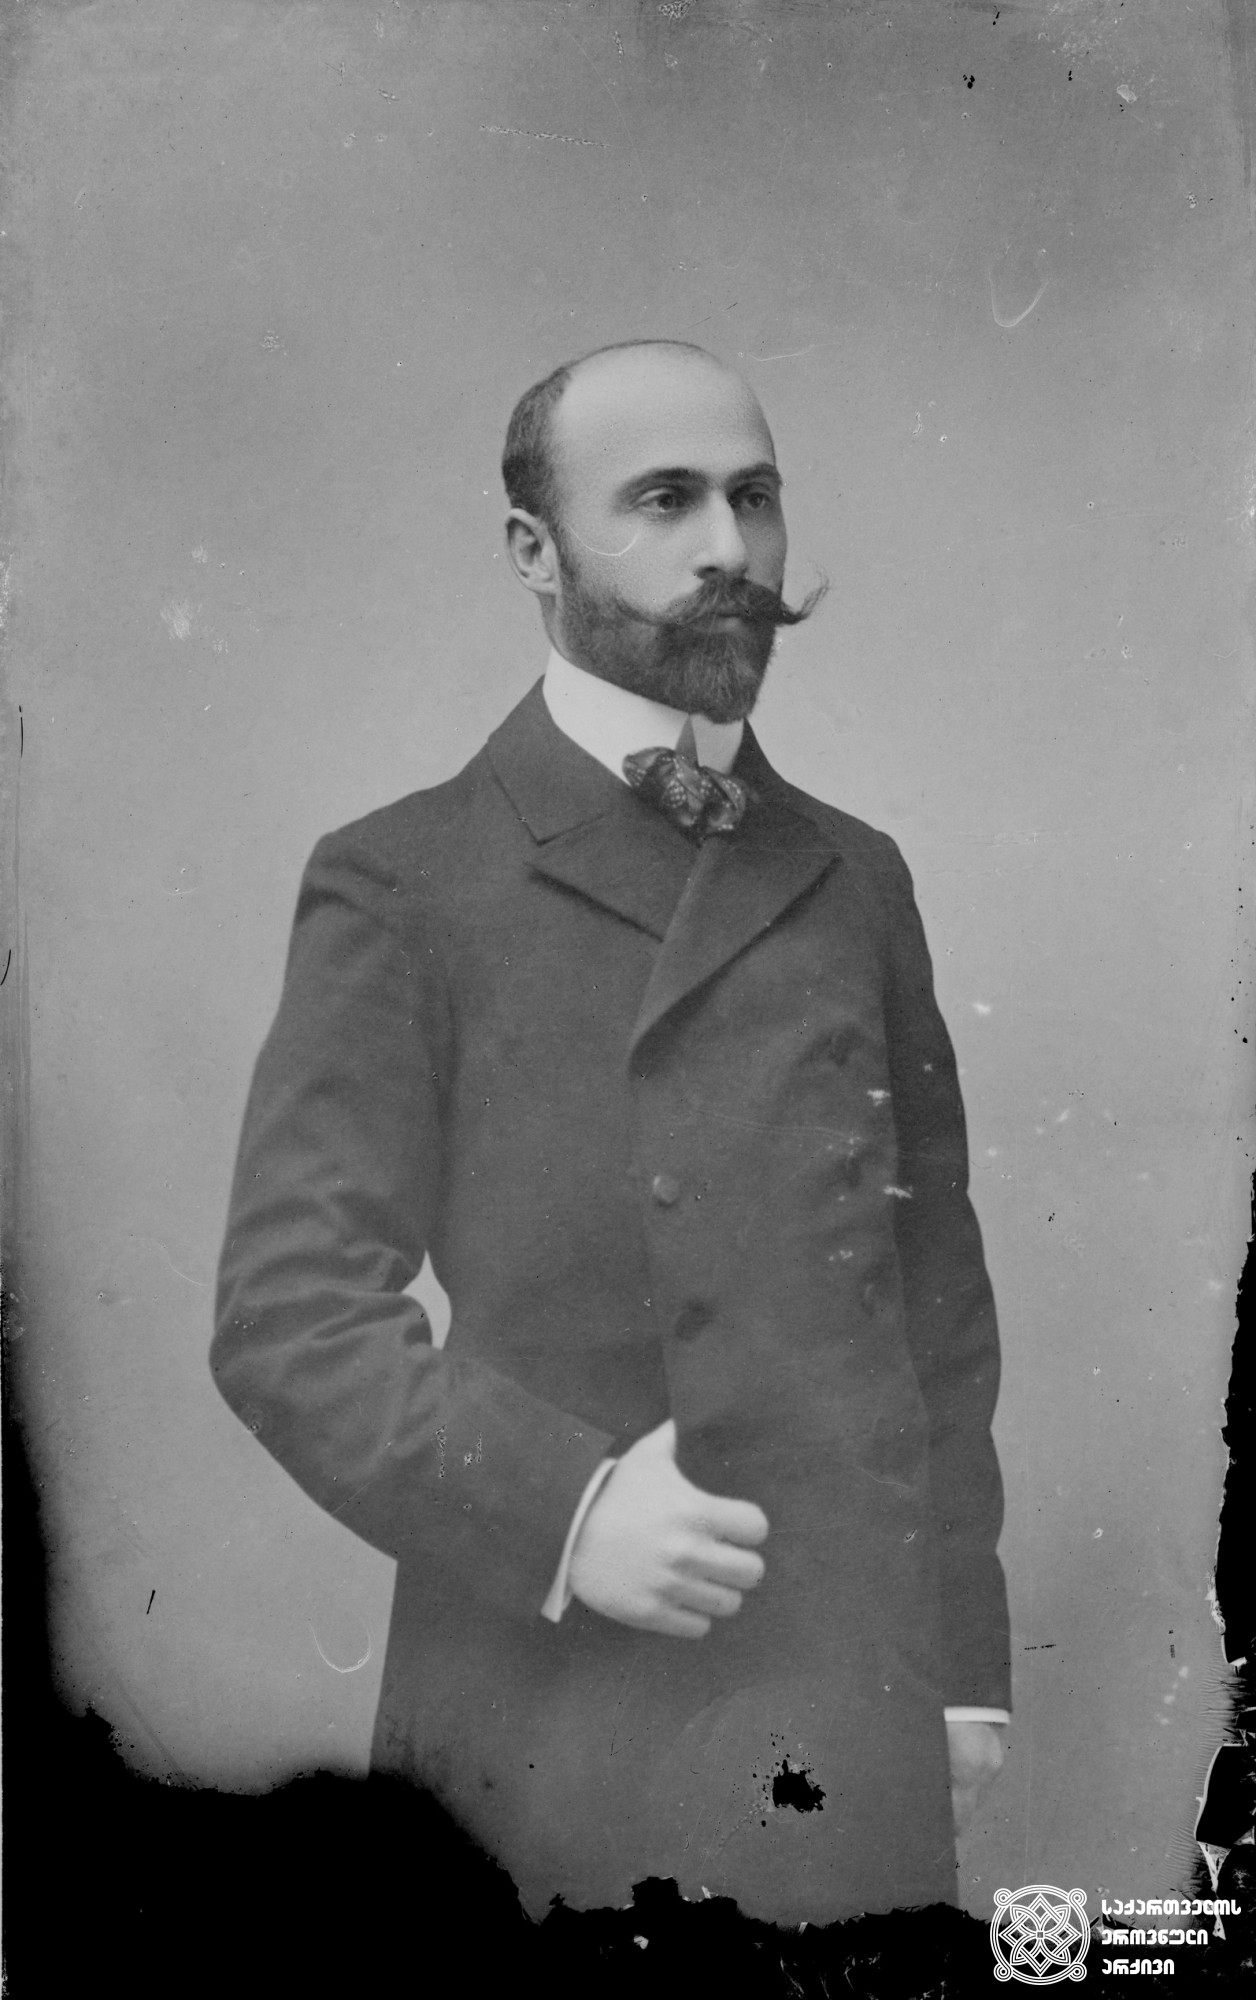 ქიმიკოსი საბა (ალექსანდრე) კლდიაშვილი (1873-1905). <br> მინის ნეგატივი 12X16. <br> Chemist Saba (Alexander) Kldiashvili (1873-1905). <br> Glass negative 12X16.